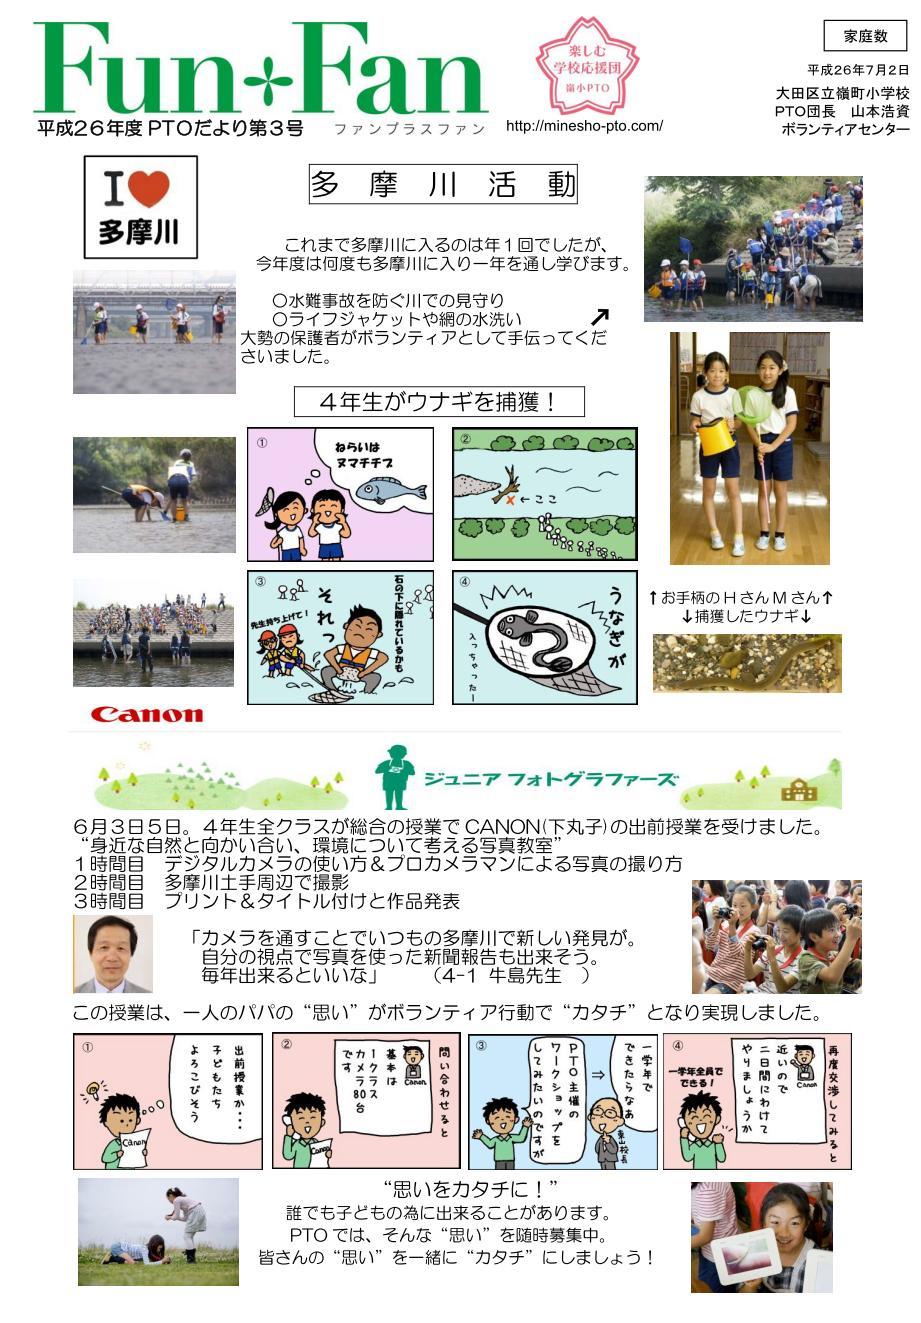 funfan2014_03a